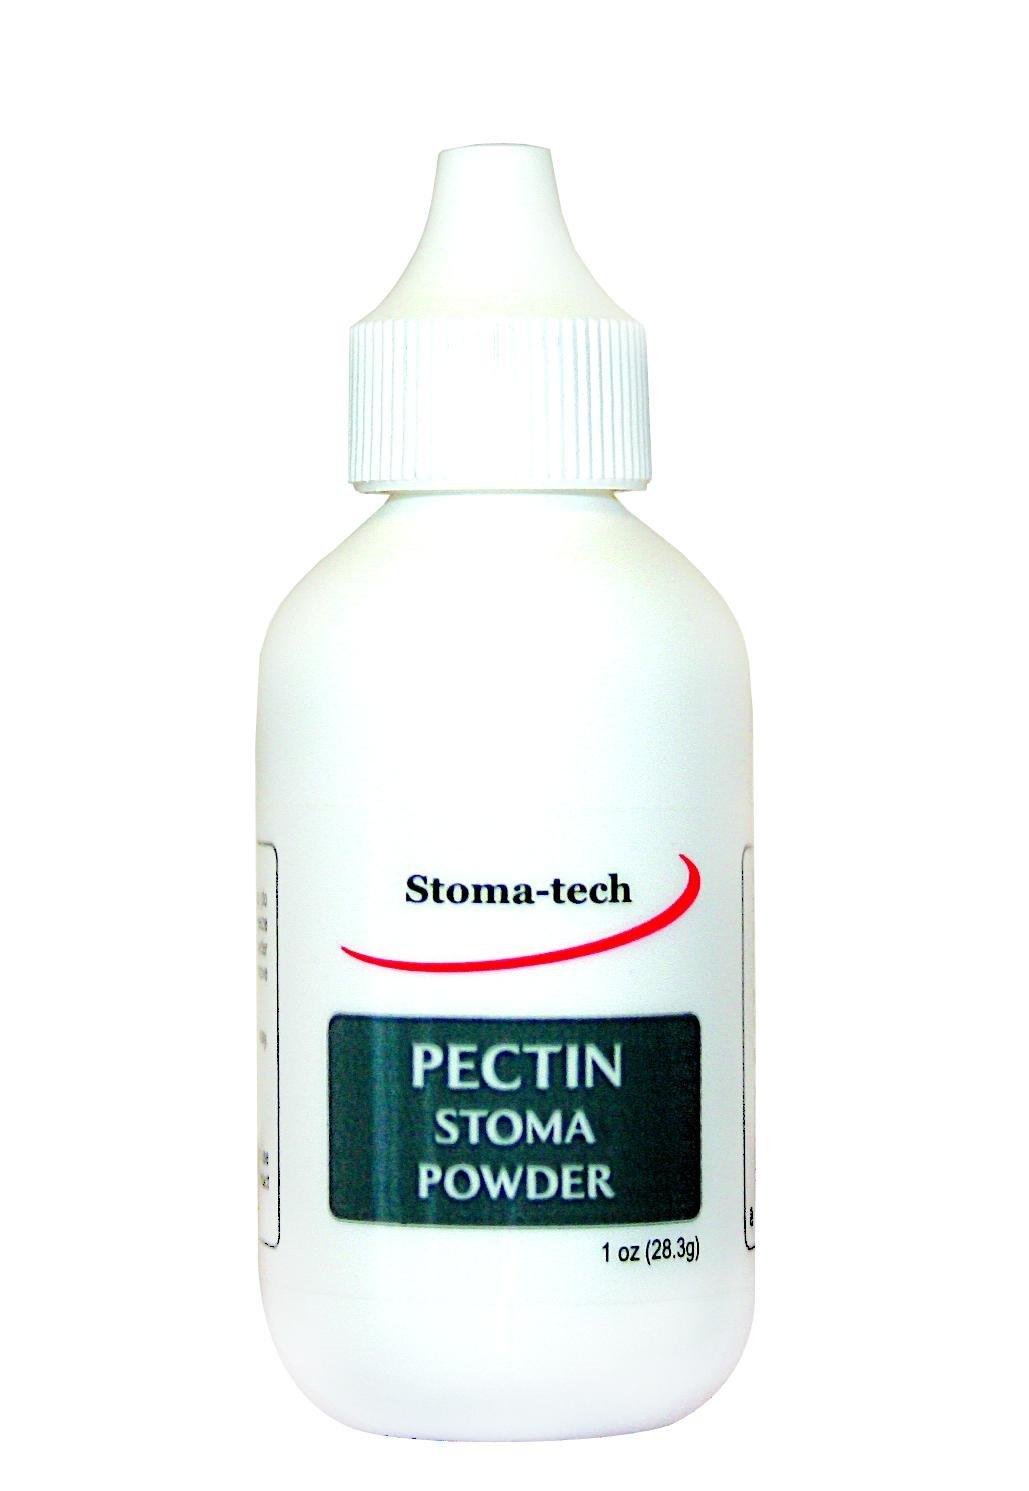 Pectin Stoma Powder 1 oz